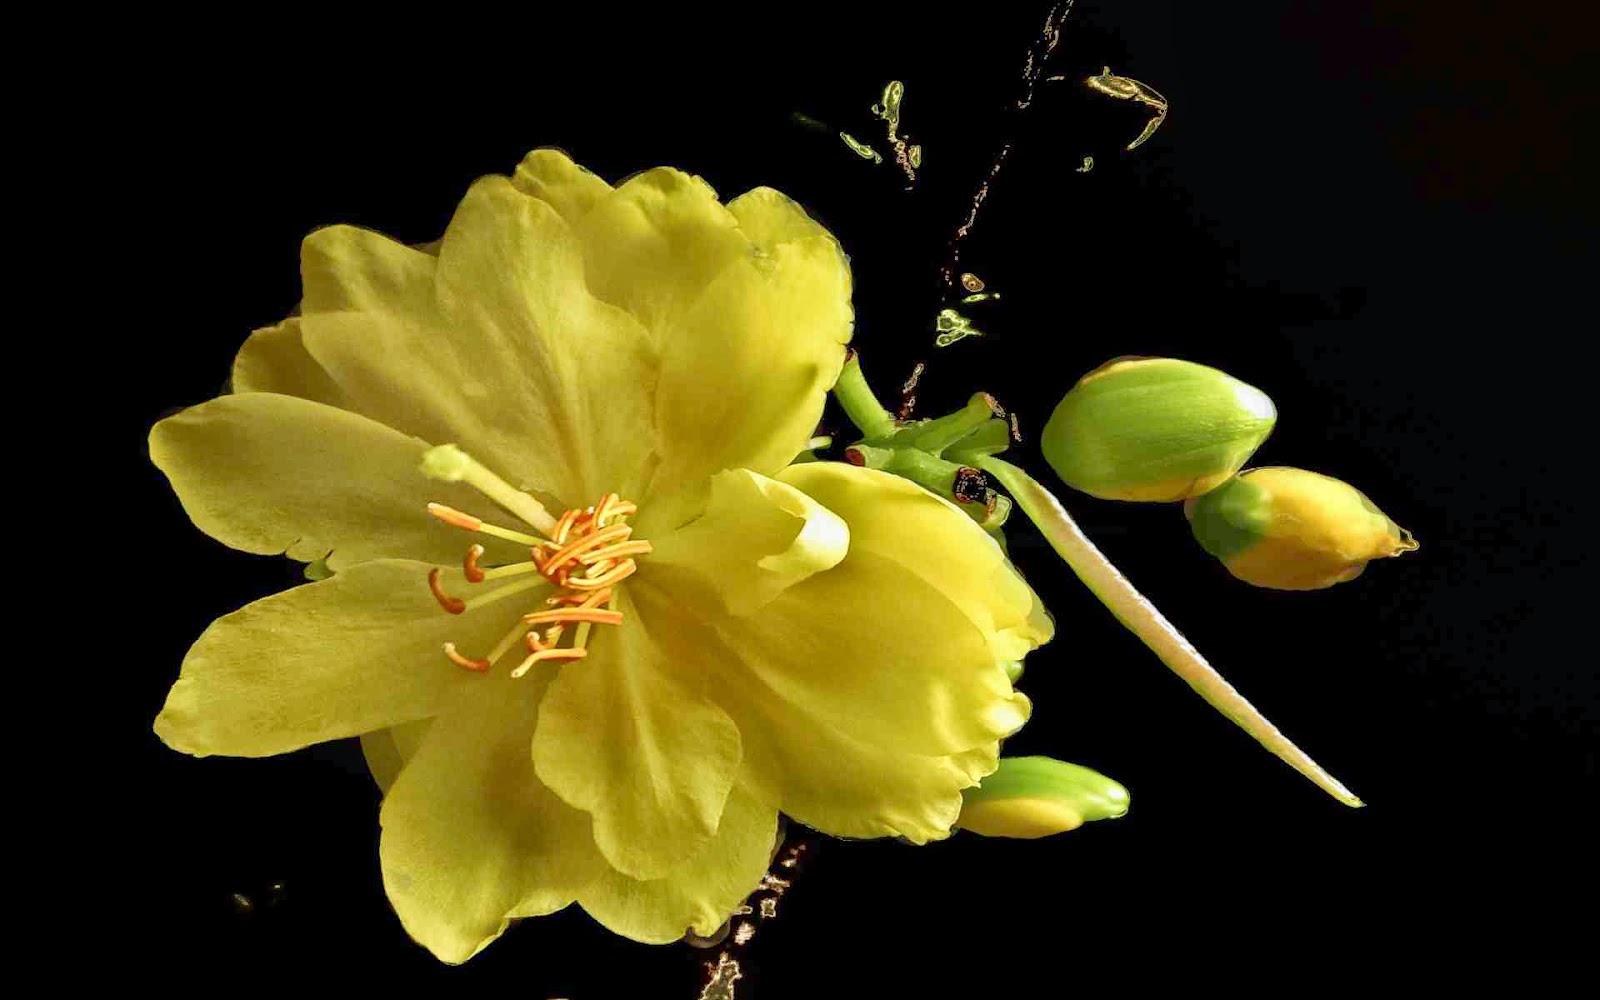 ảnh nền hoa mai